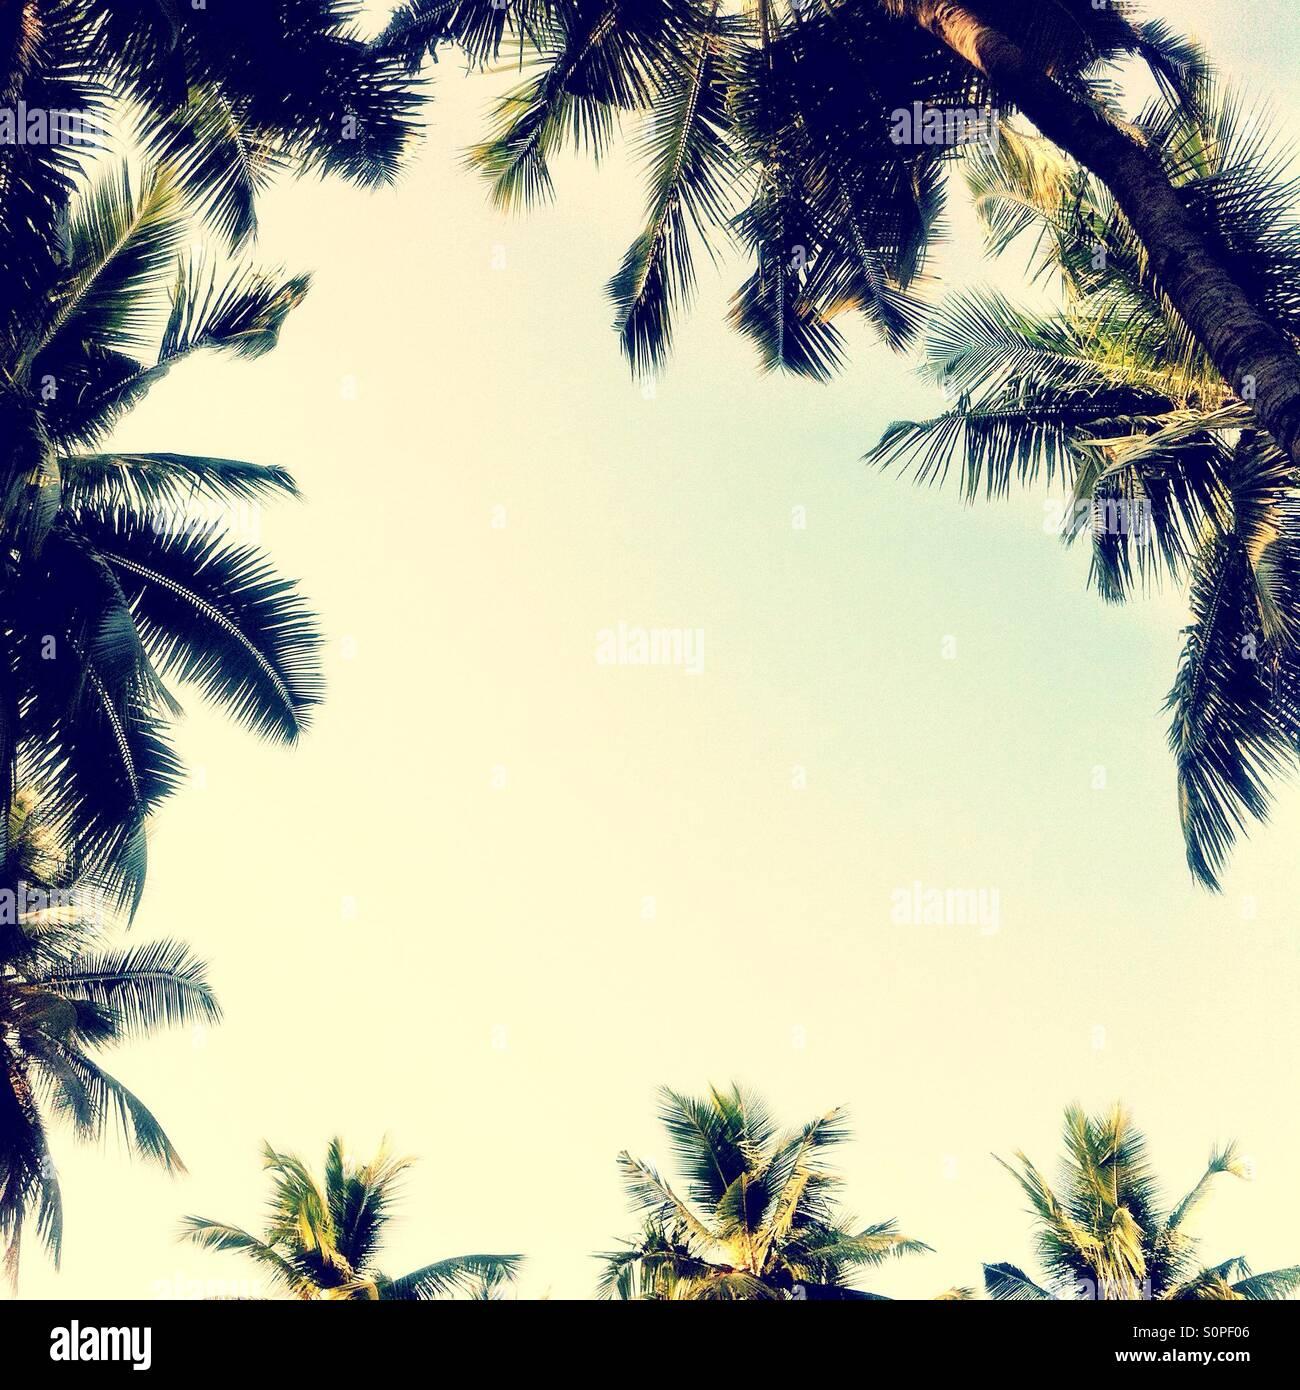 Alberi di palma che racchiude un'area di cielo blu Immagini Stock